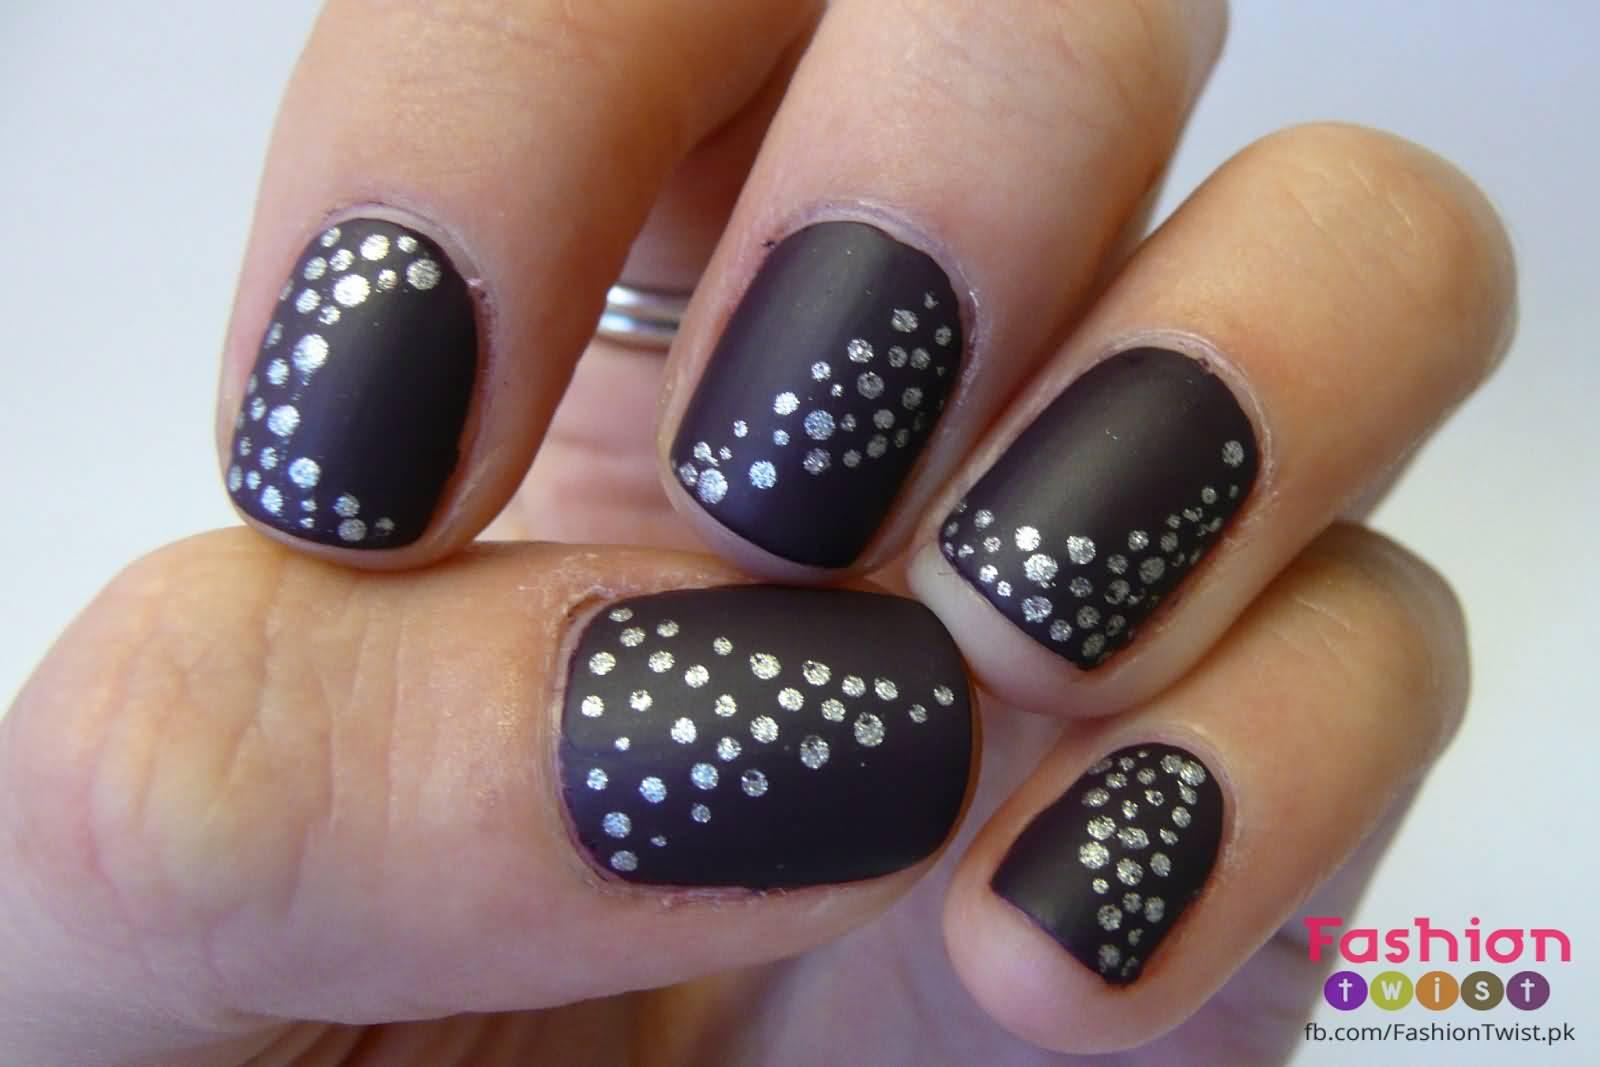 55+Most Stylish Matte Nail Art Designs